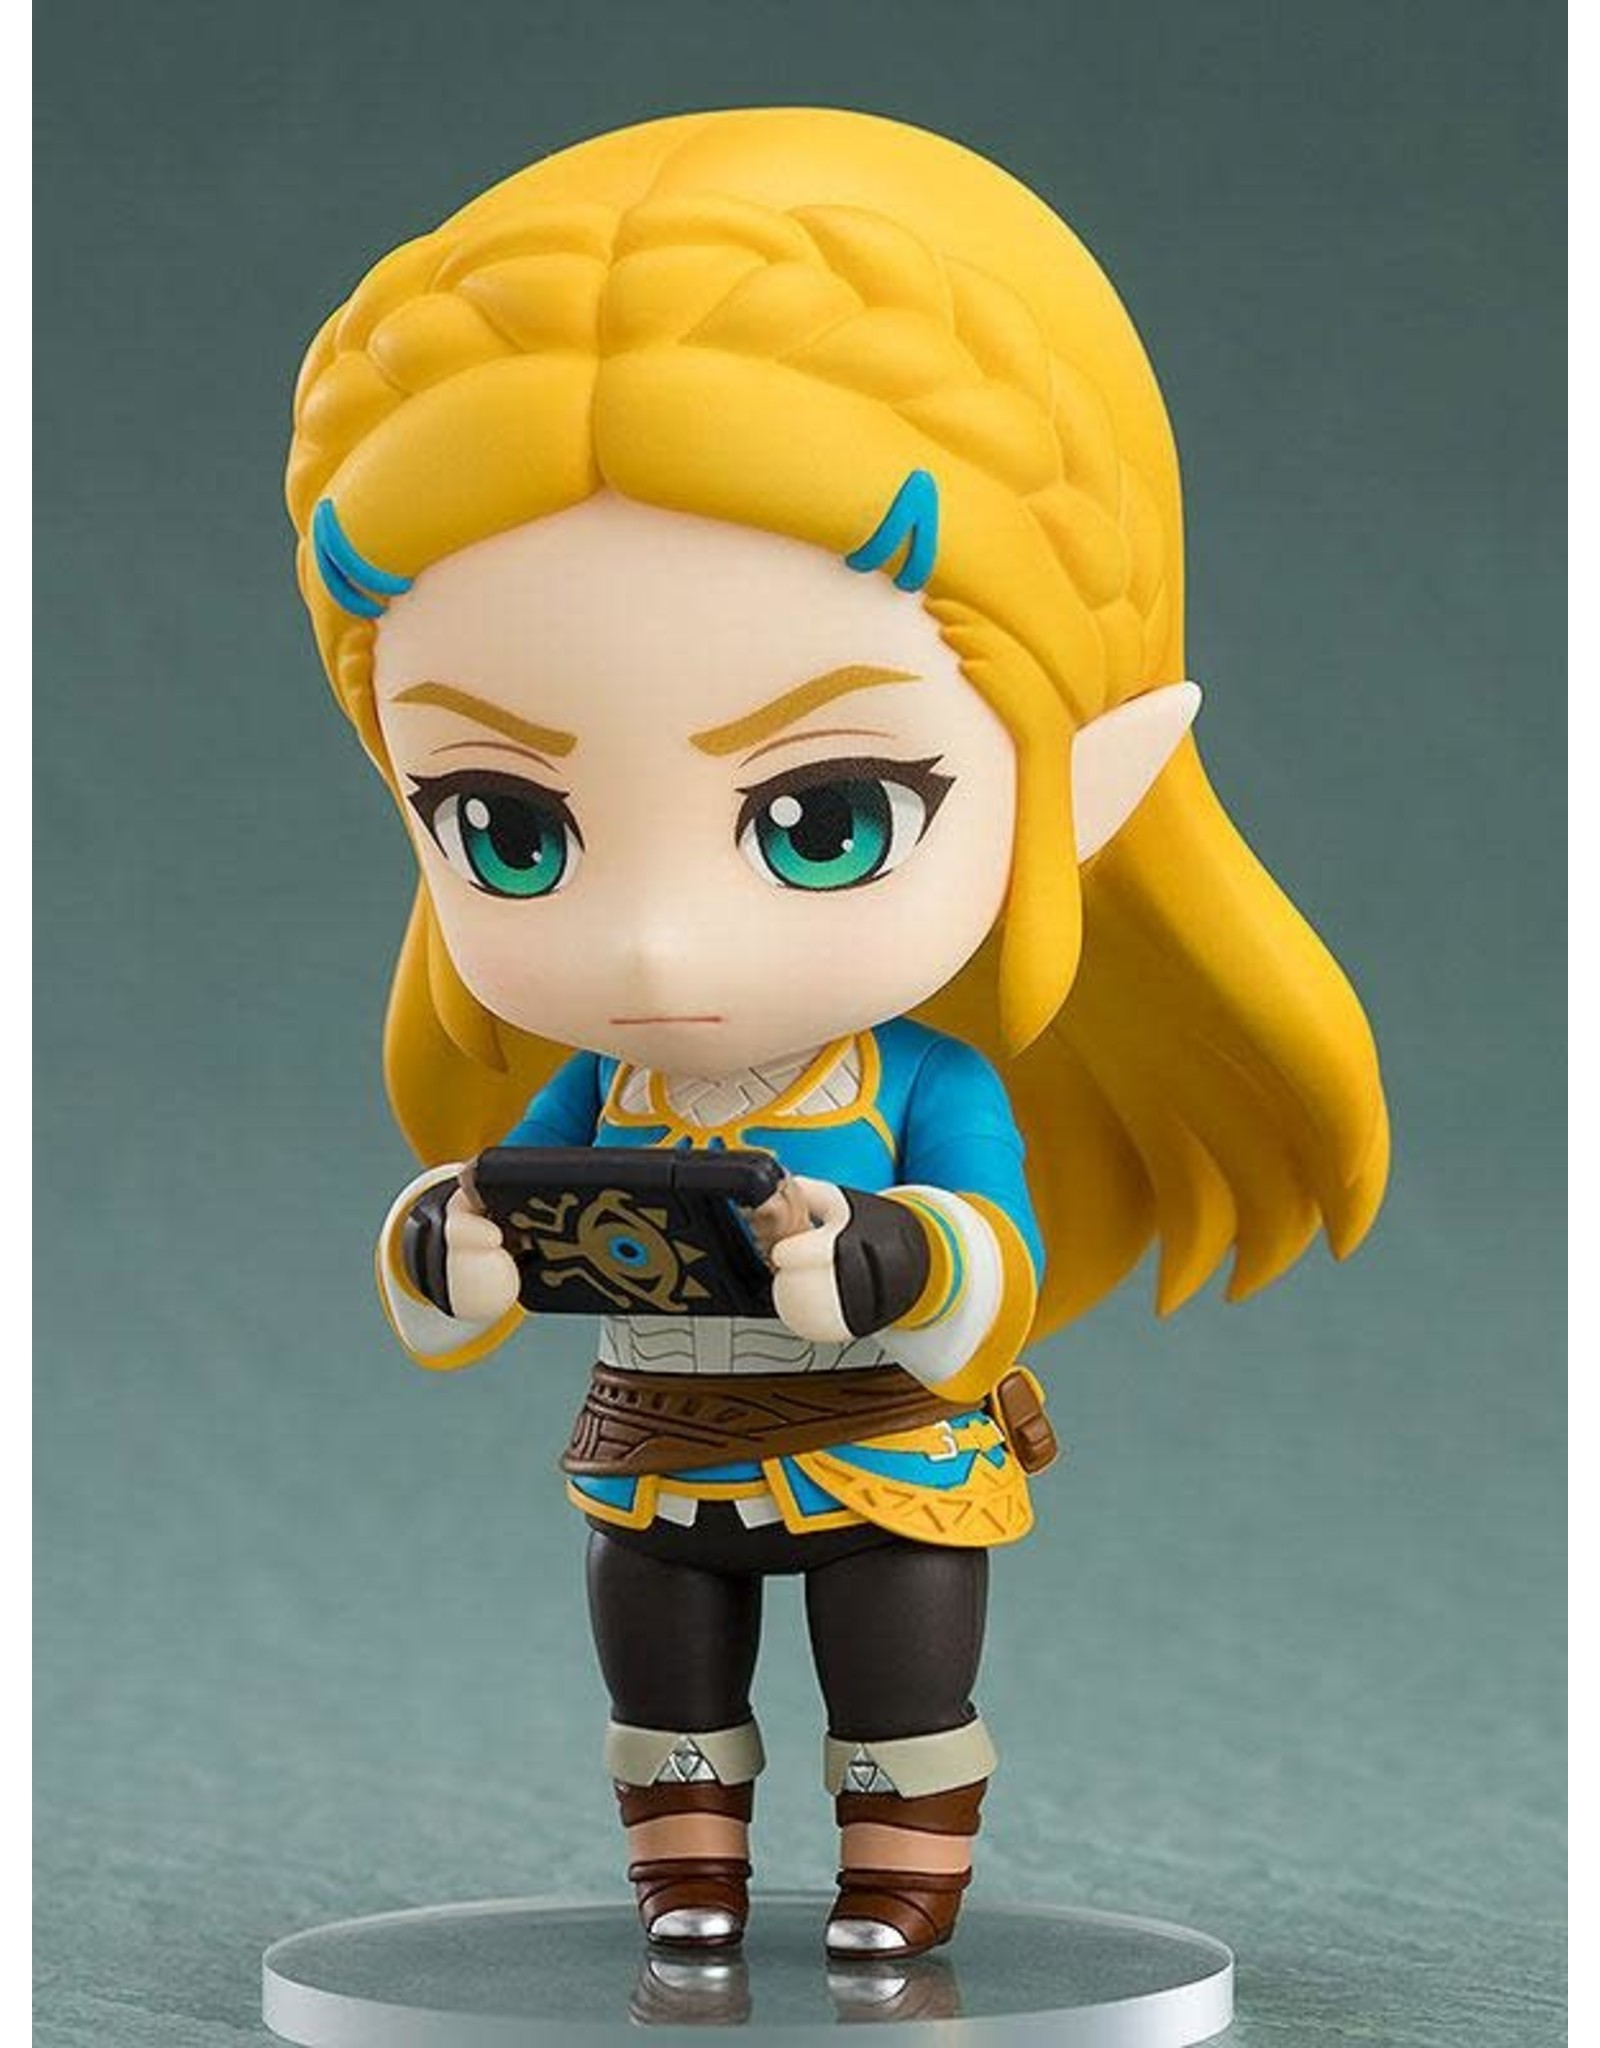 The Legend of Zelda: Breath of the Wild - Zelda - Nendoroid 1212